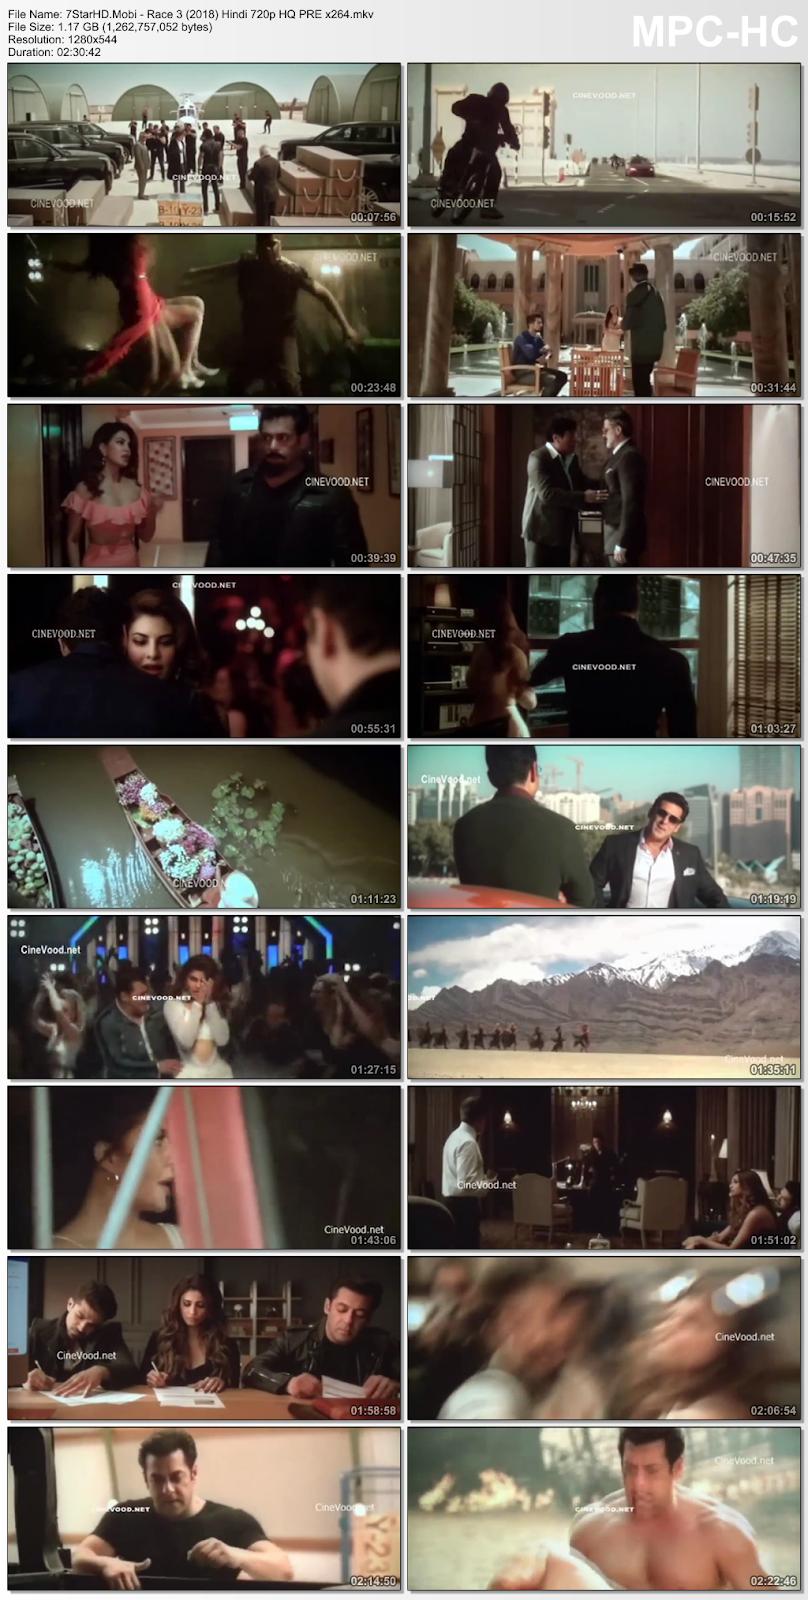 Race 3 (2018) Hindi HQ 720p Pre-DVDRip x264 1.2GB 2